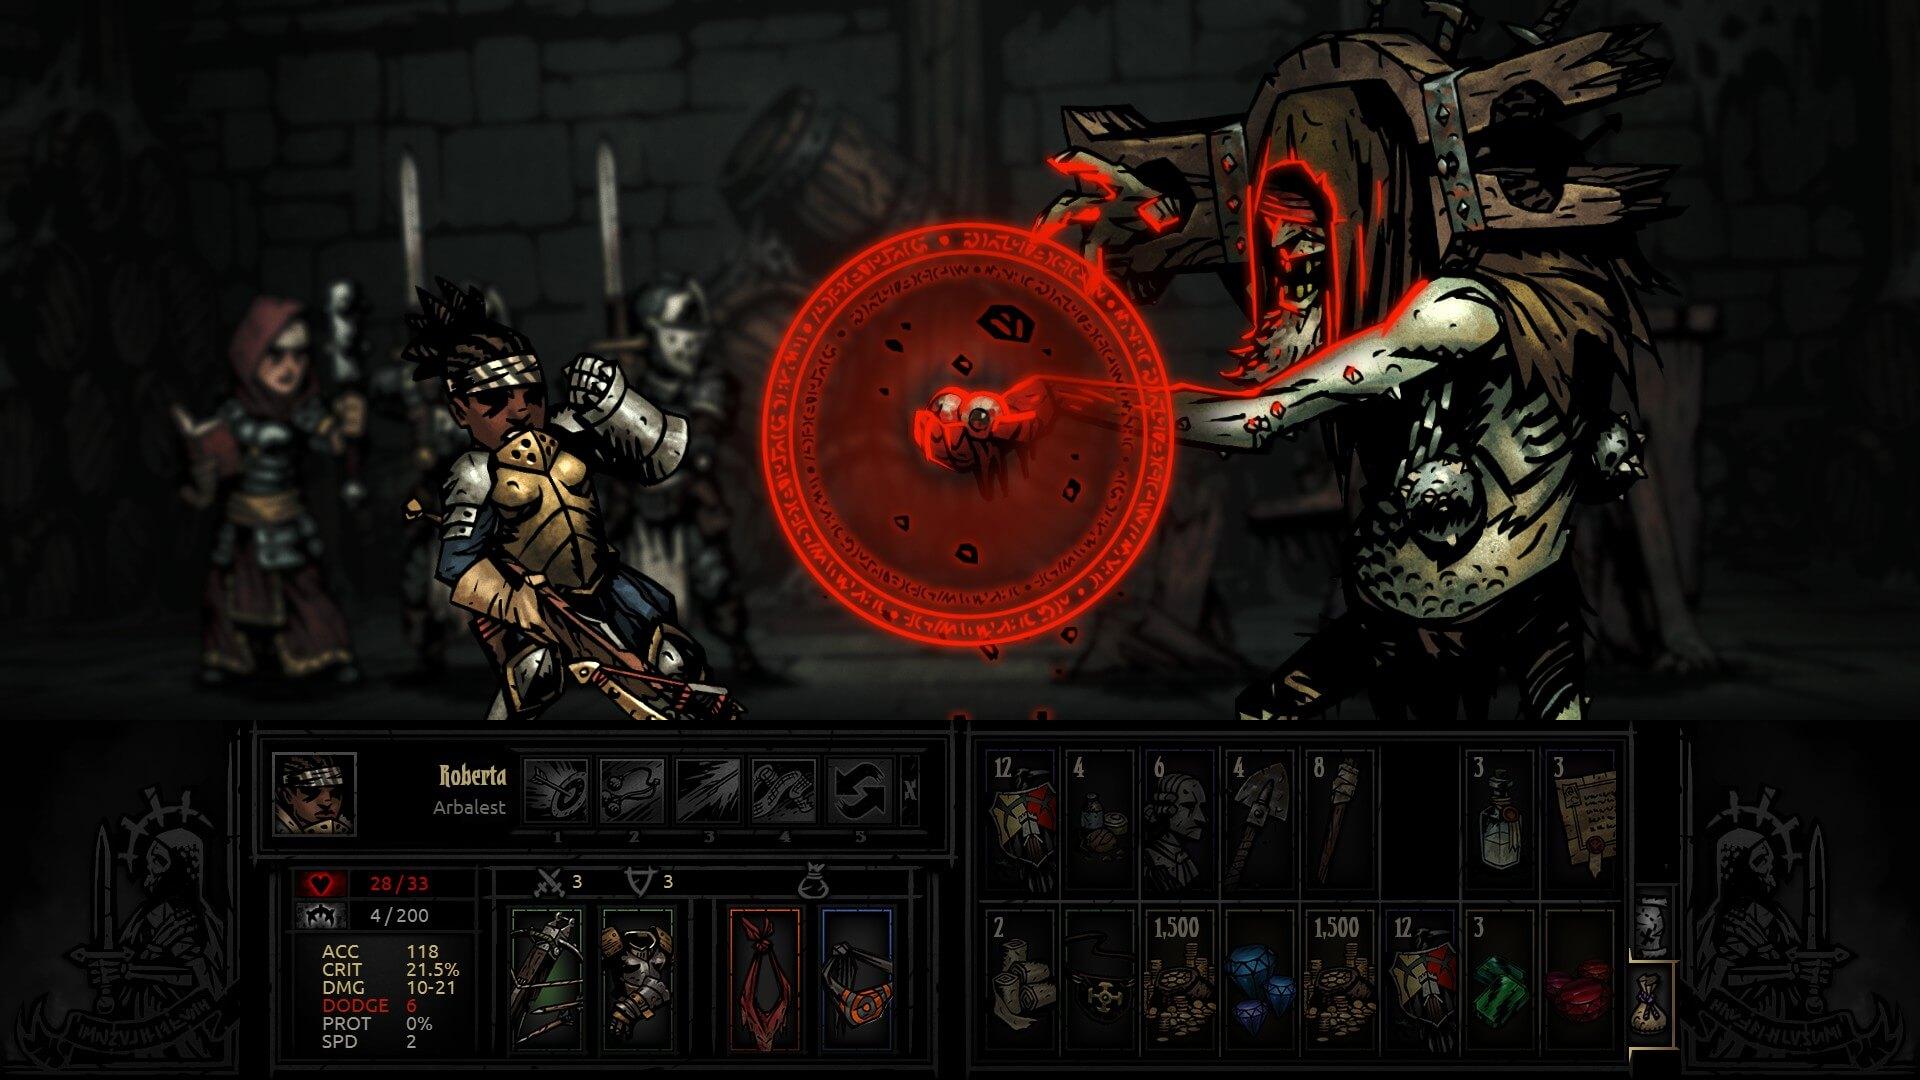 Darkest dungeon en iyi roguelike oyun inceleme